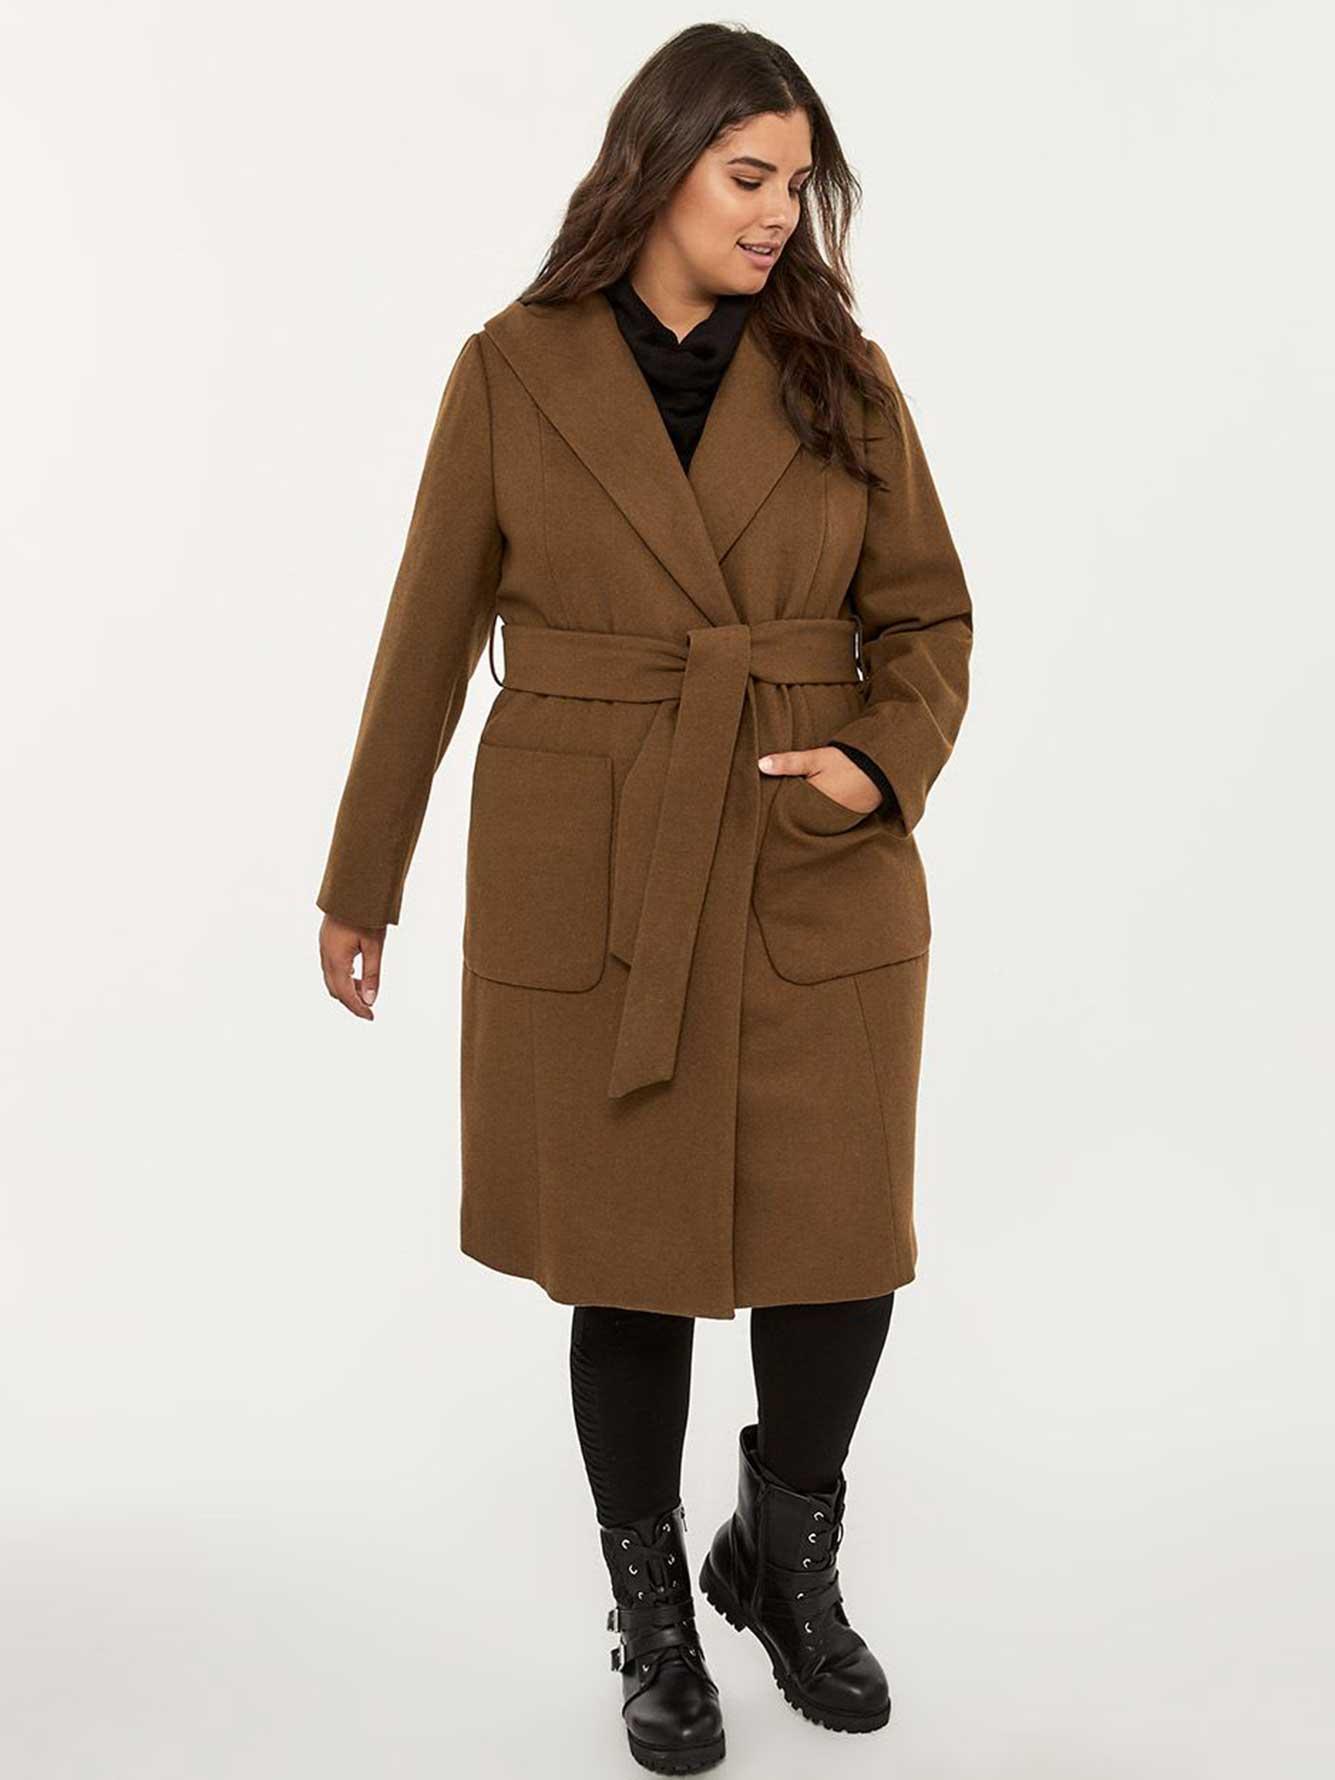 Manteau avec capuchon et ceinture - In Every Story   Penningtons c9c4574eb6a